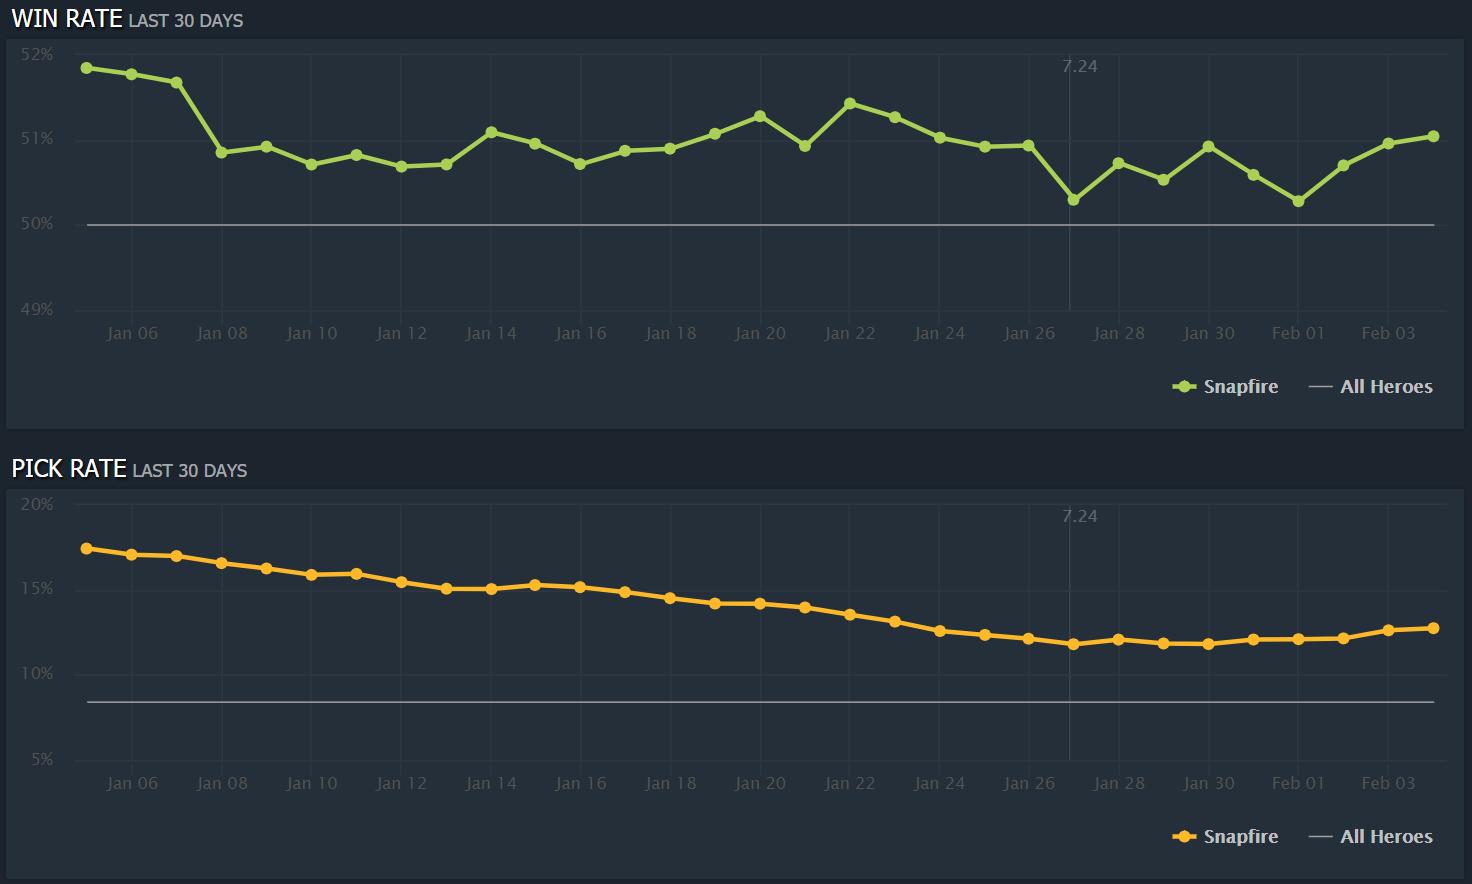 snapfire stats - Liệu Void Spirit và Snapfire đã sẵn sàng để có mặt tại đấu trường chuyên nghiệp?